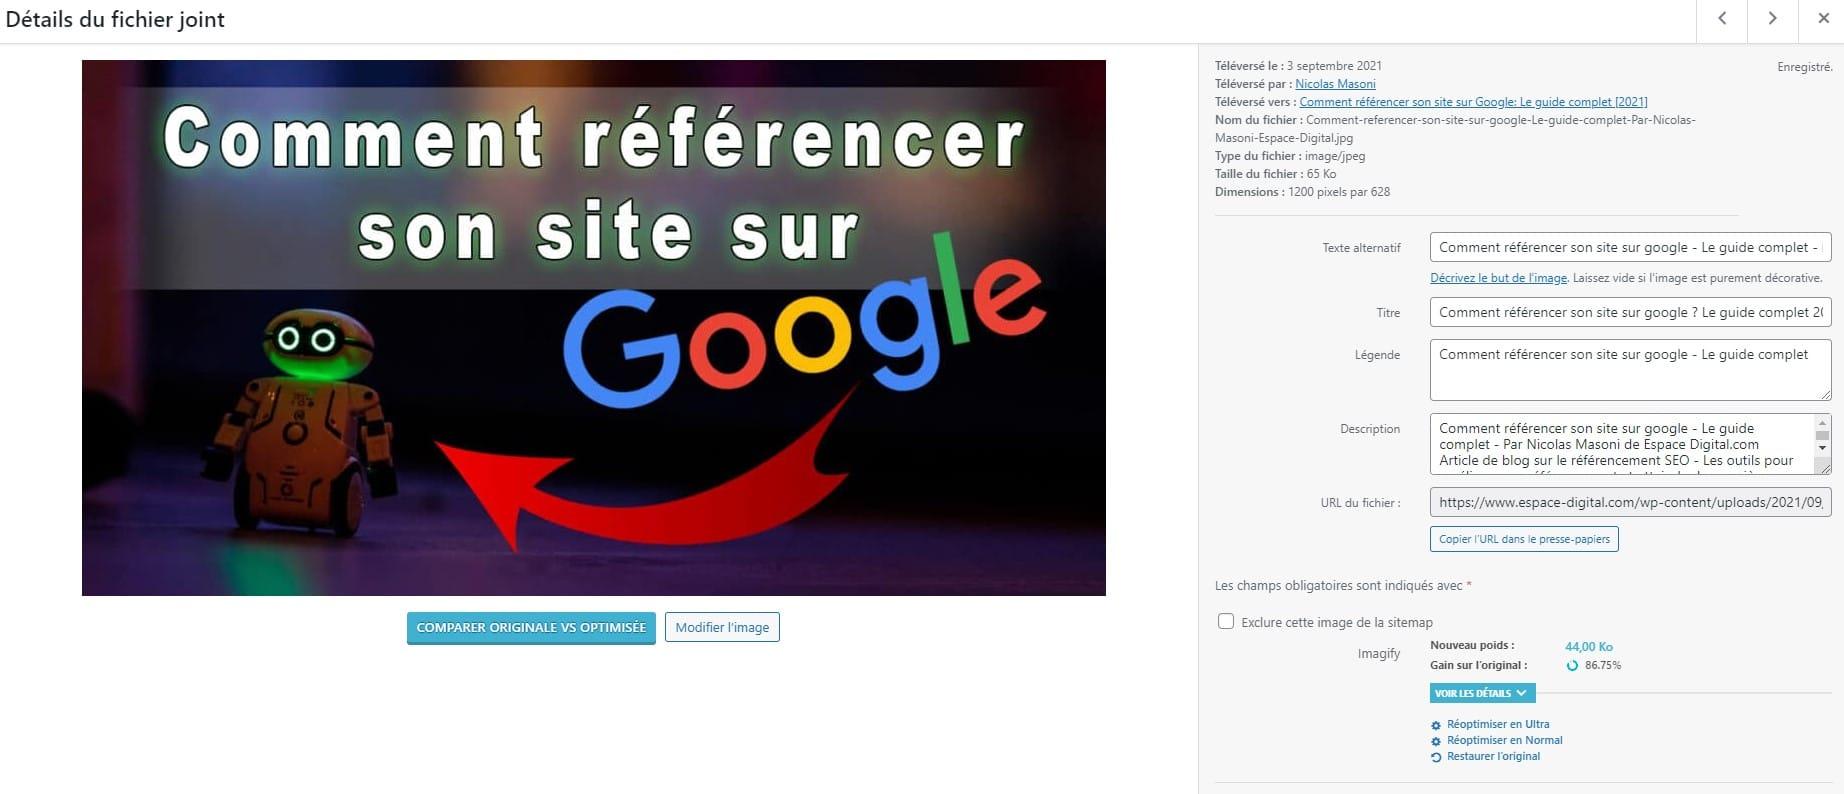 Comment référencer son site sur Google Référencer ses images - texte ALT